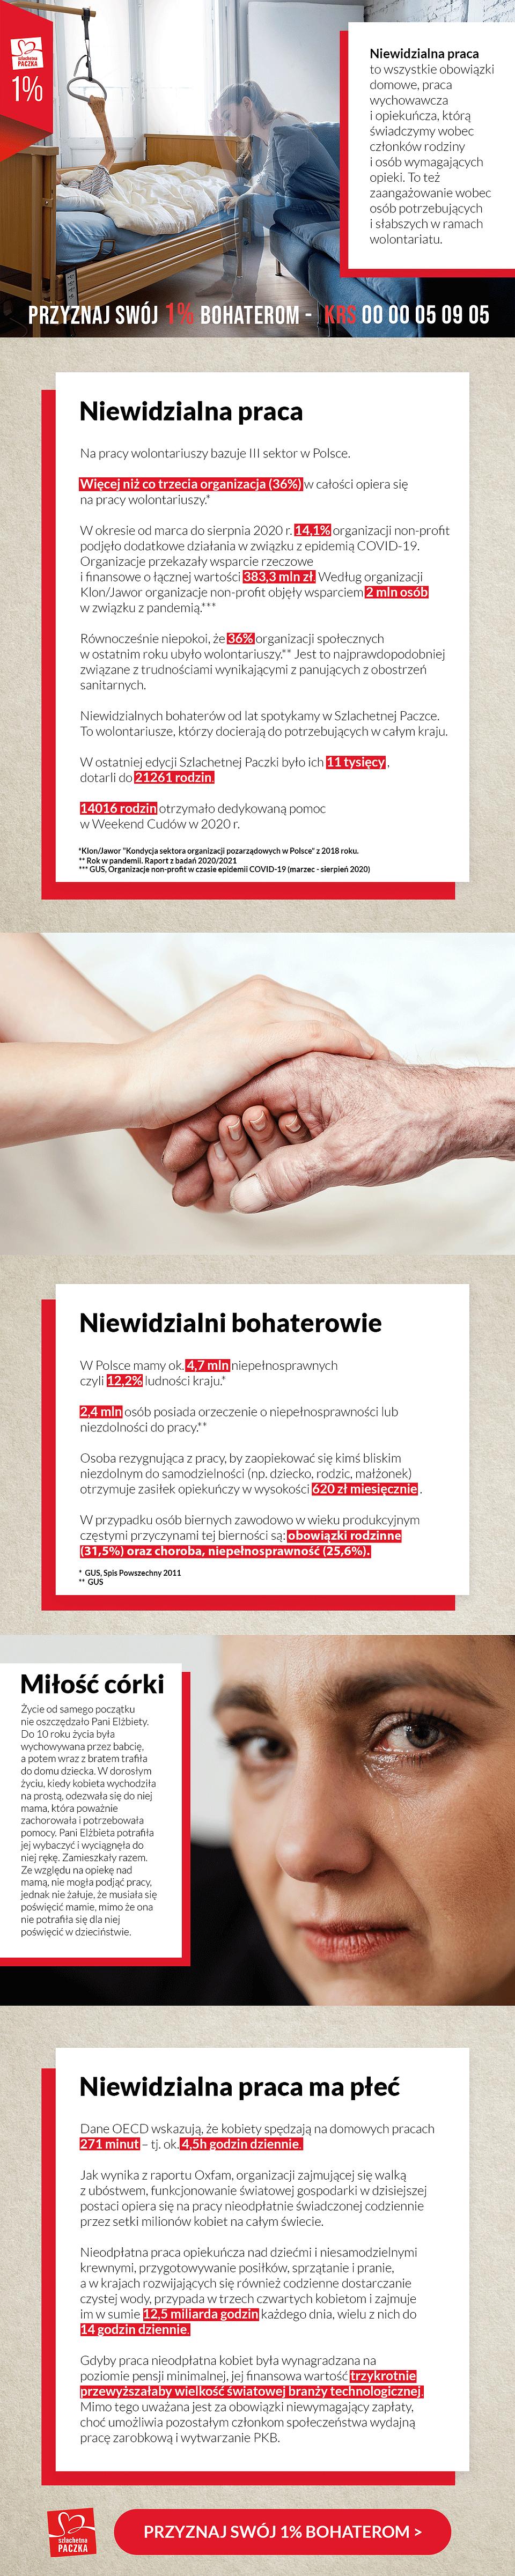 niewidzialni_bohaterowie_infografika_06_04_2021.png